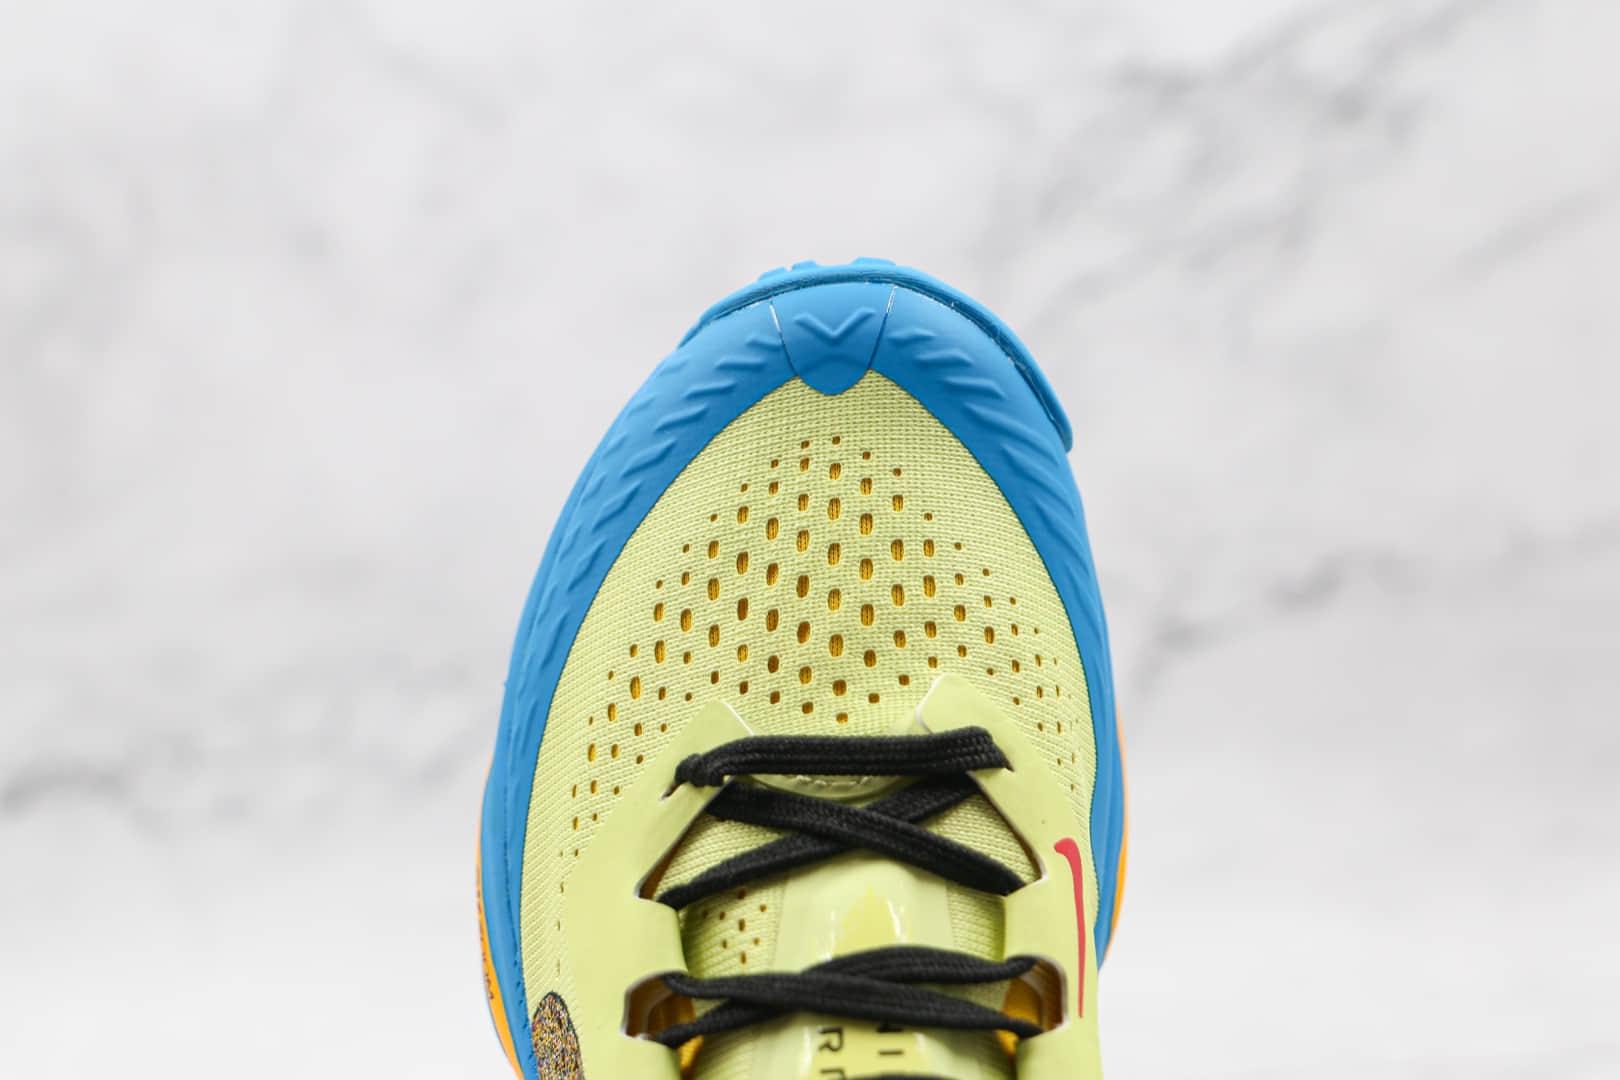 耐克Nike Air Zoom Terra Kiger 7纯原版本越野跑鞋登山鞋黄蓝色内置真Zoom气垫 货号:CW6066-009